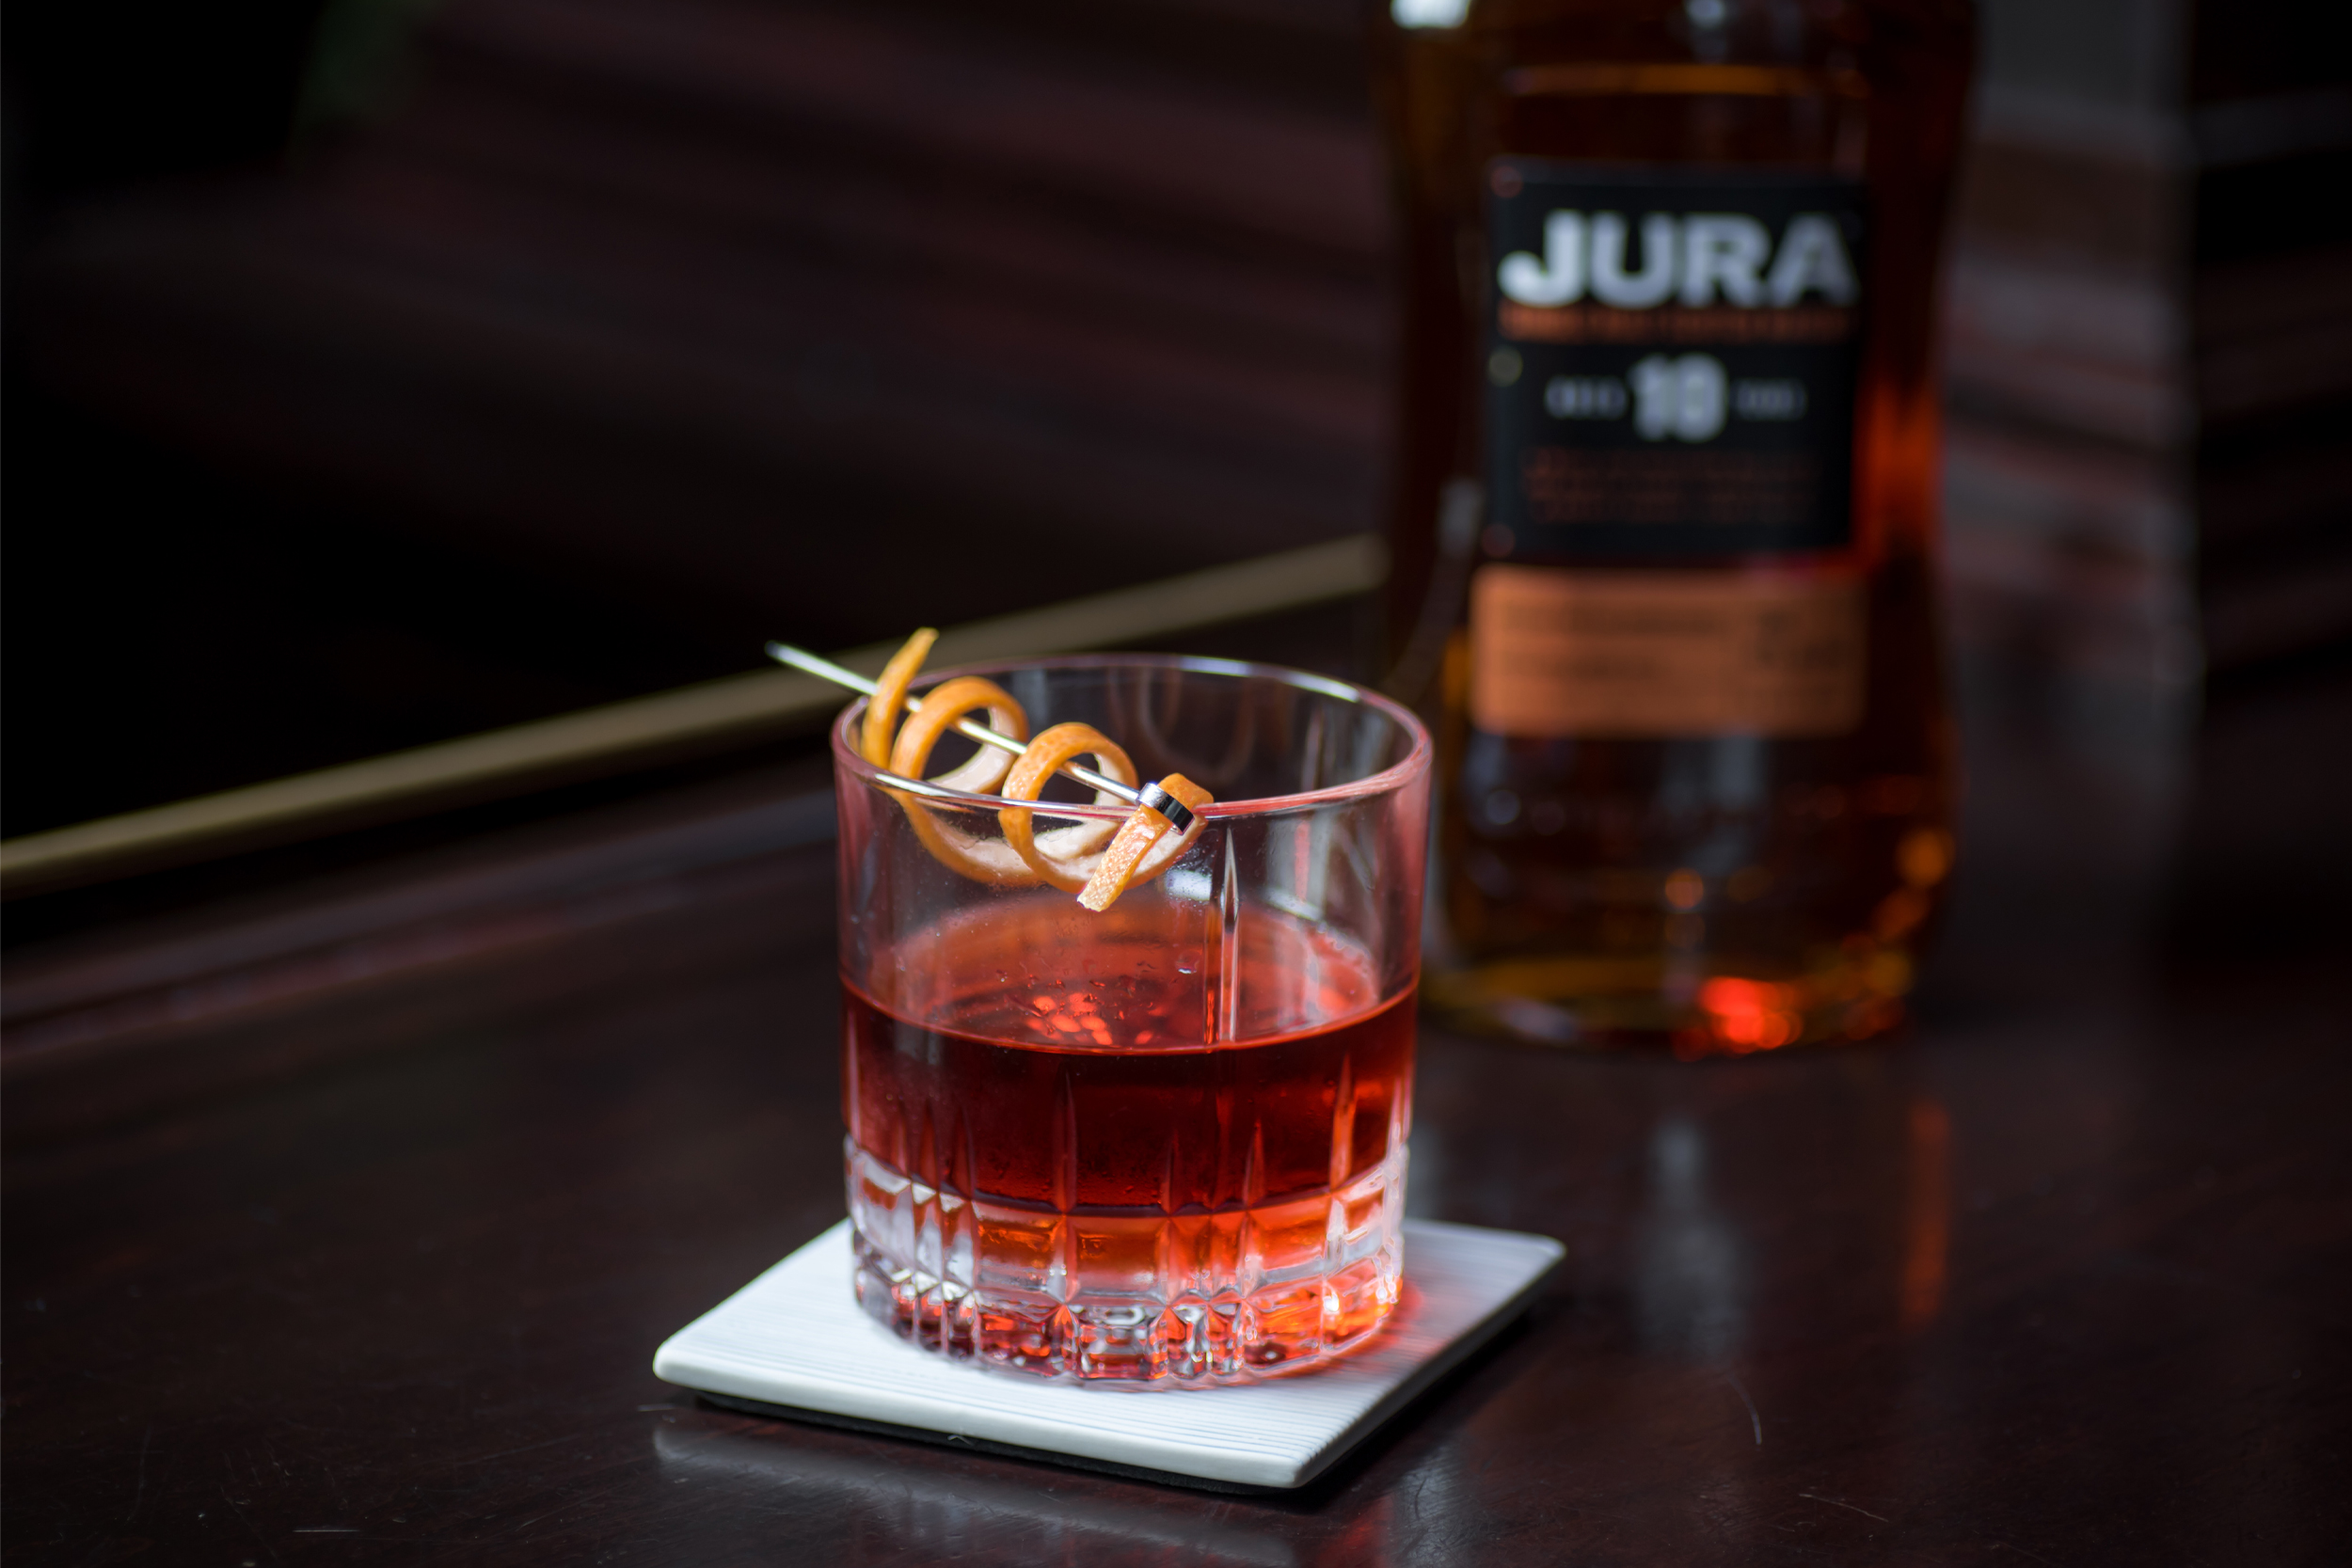 JURA []